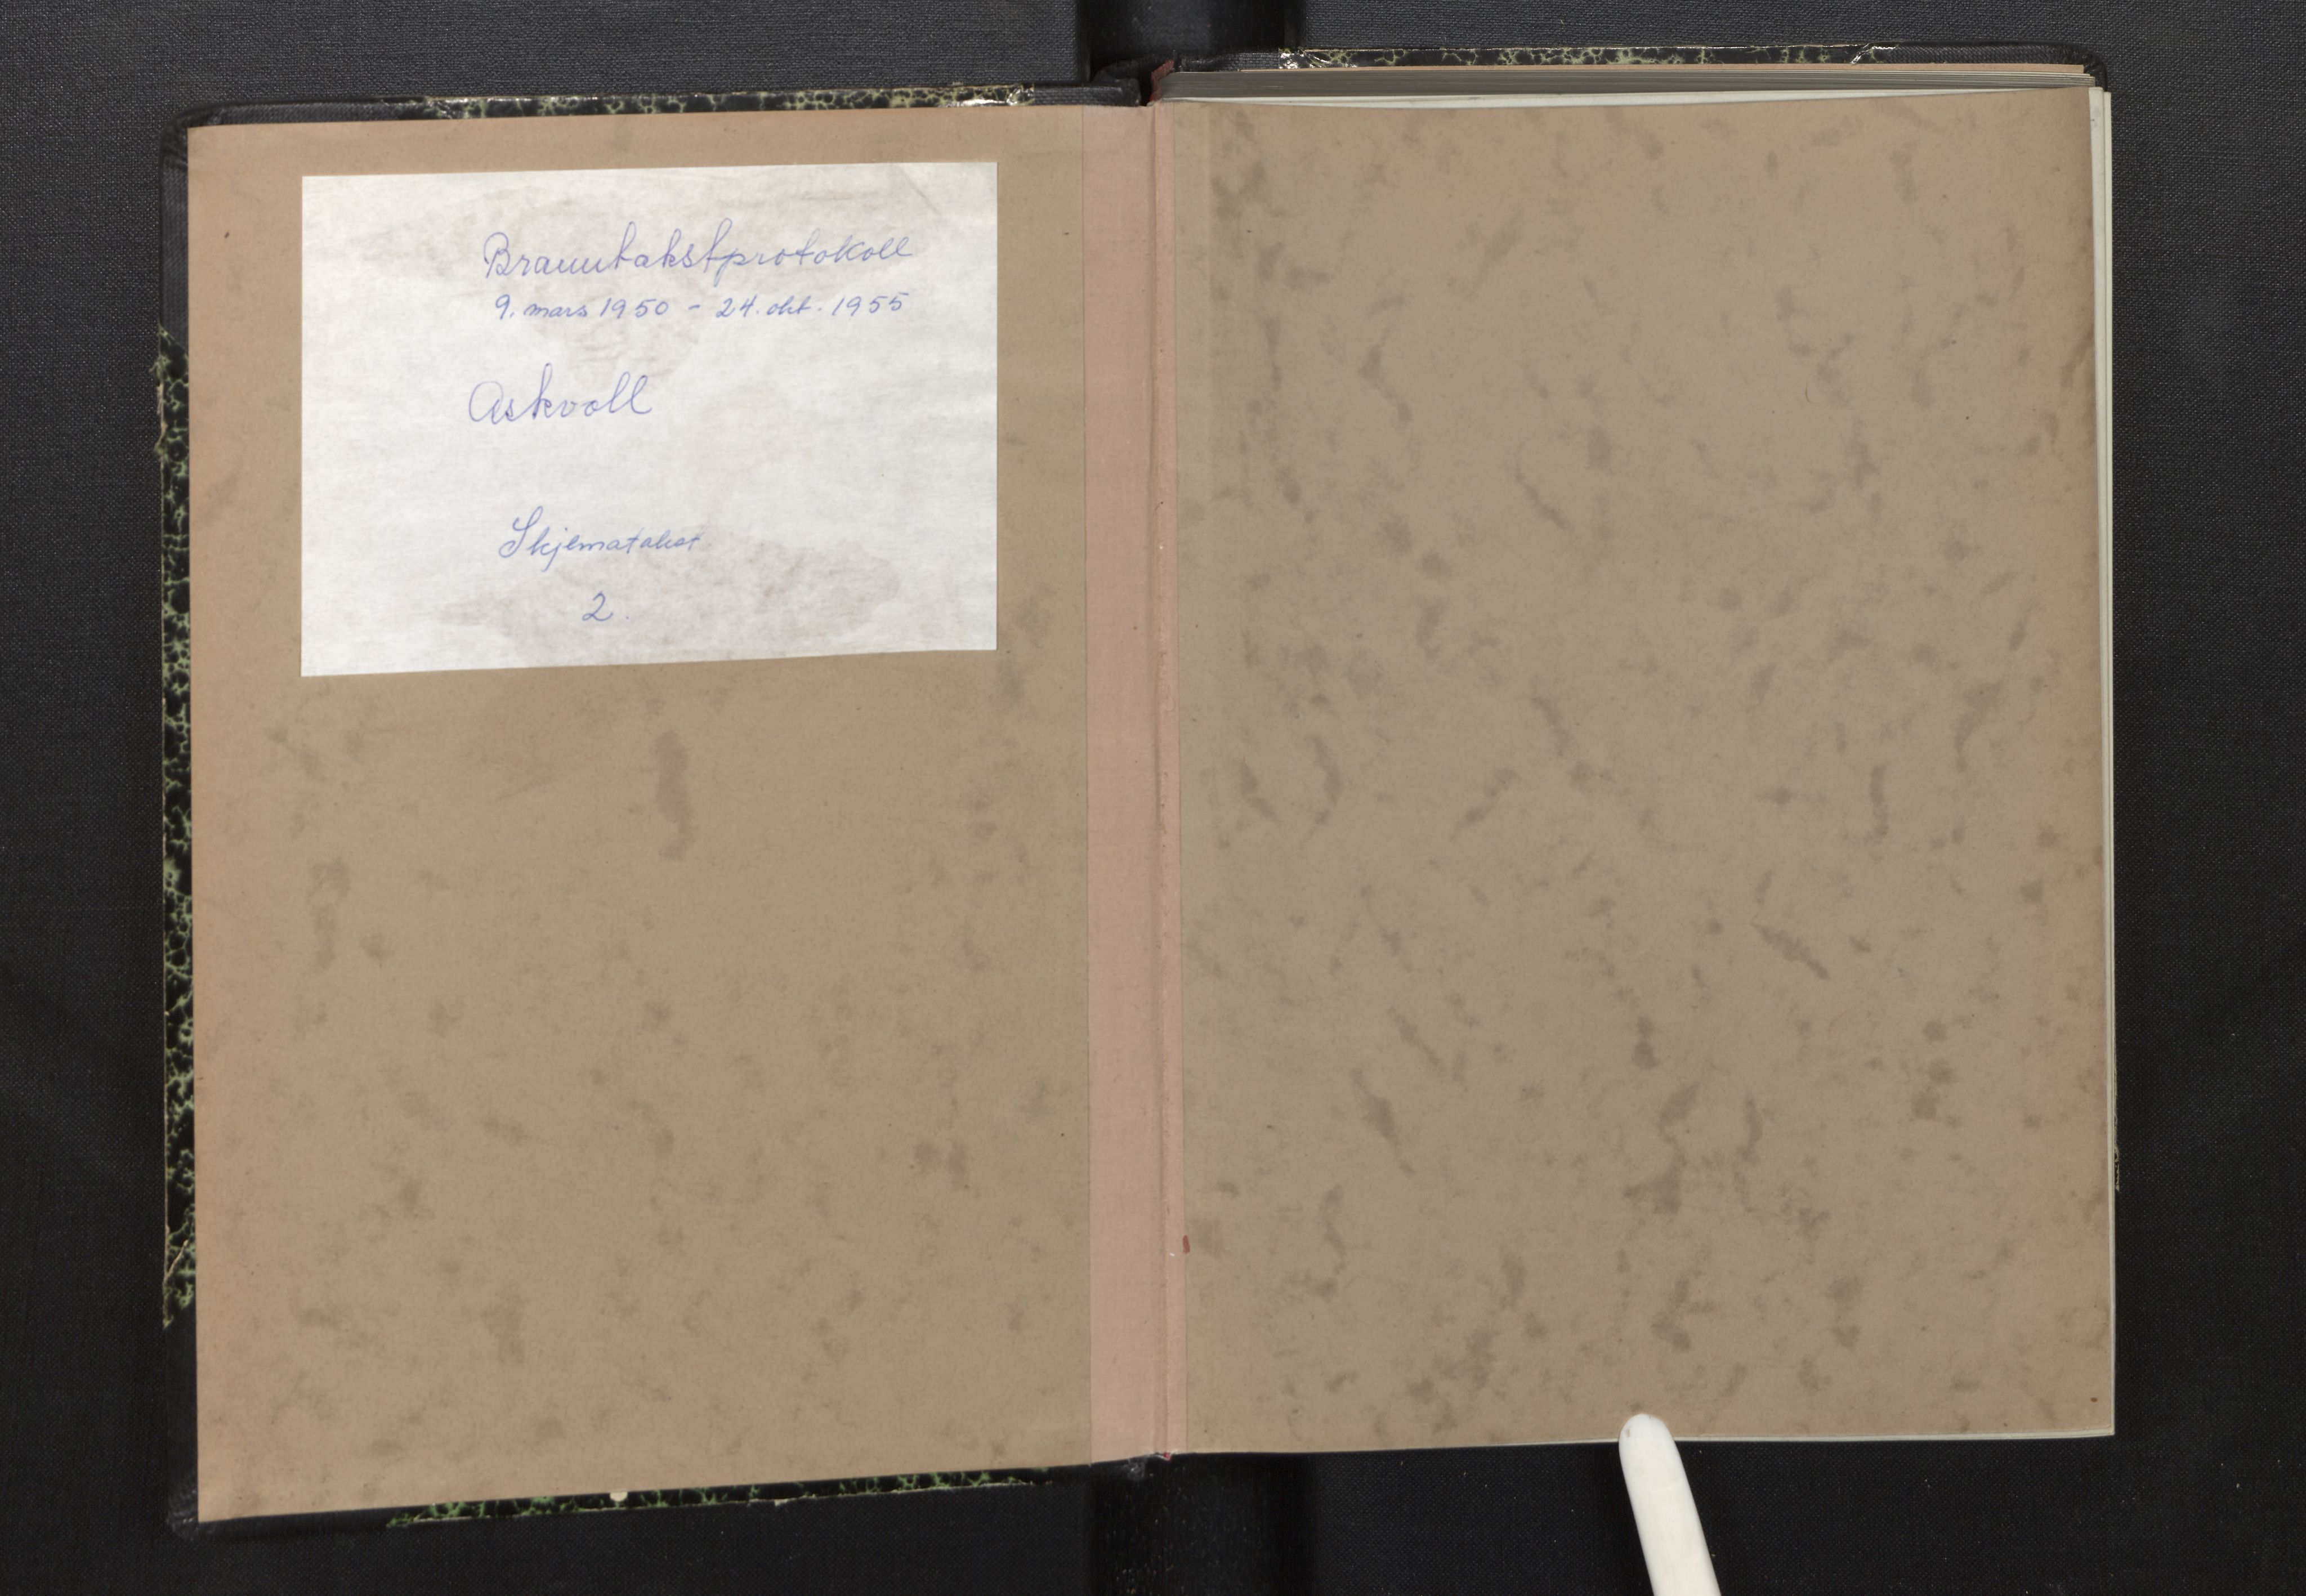 SAB, Lensmannen i Askvoll, 0012/L0006: Branntakstprotokoll, skjematakst, 1950-1955